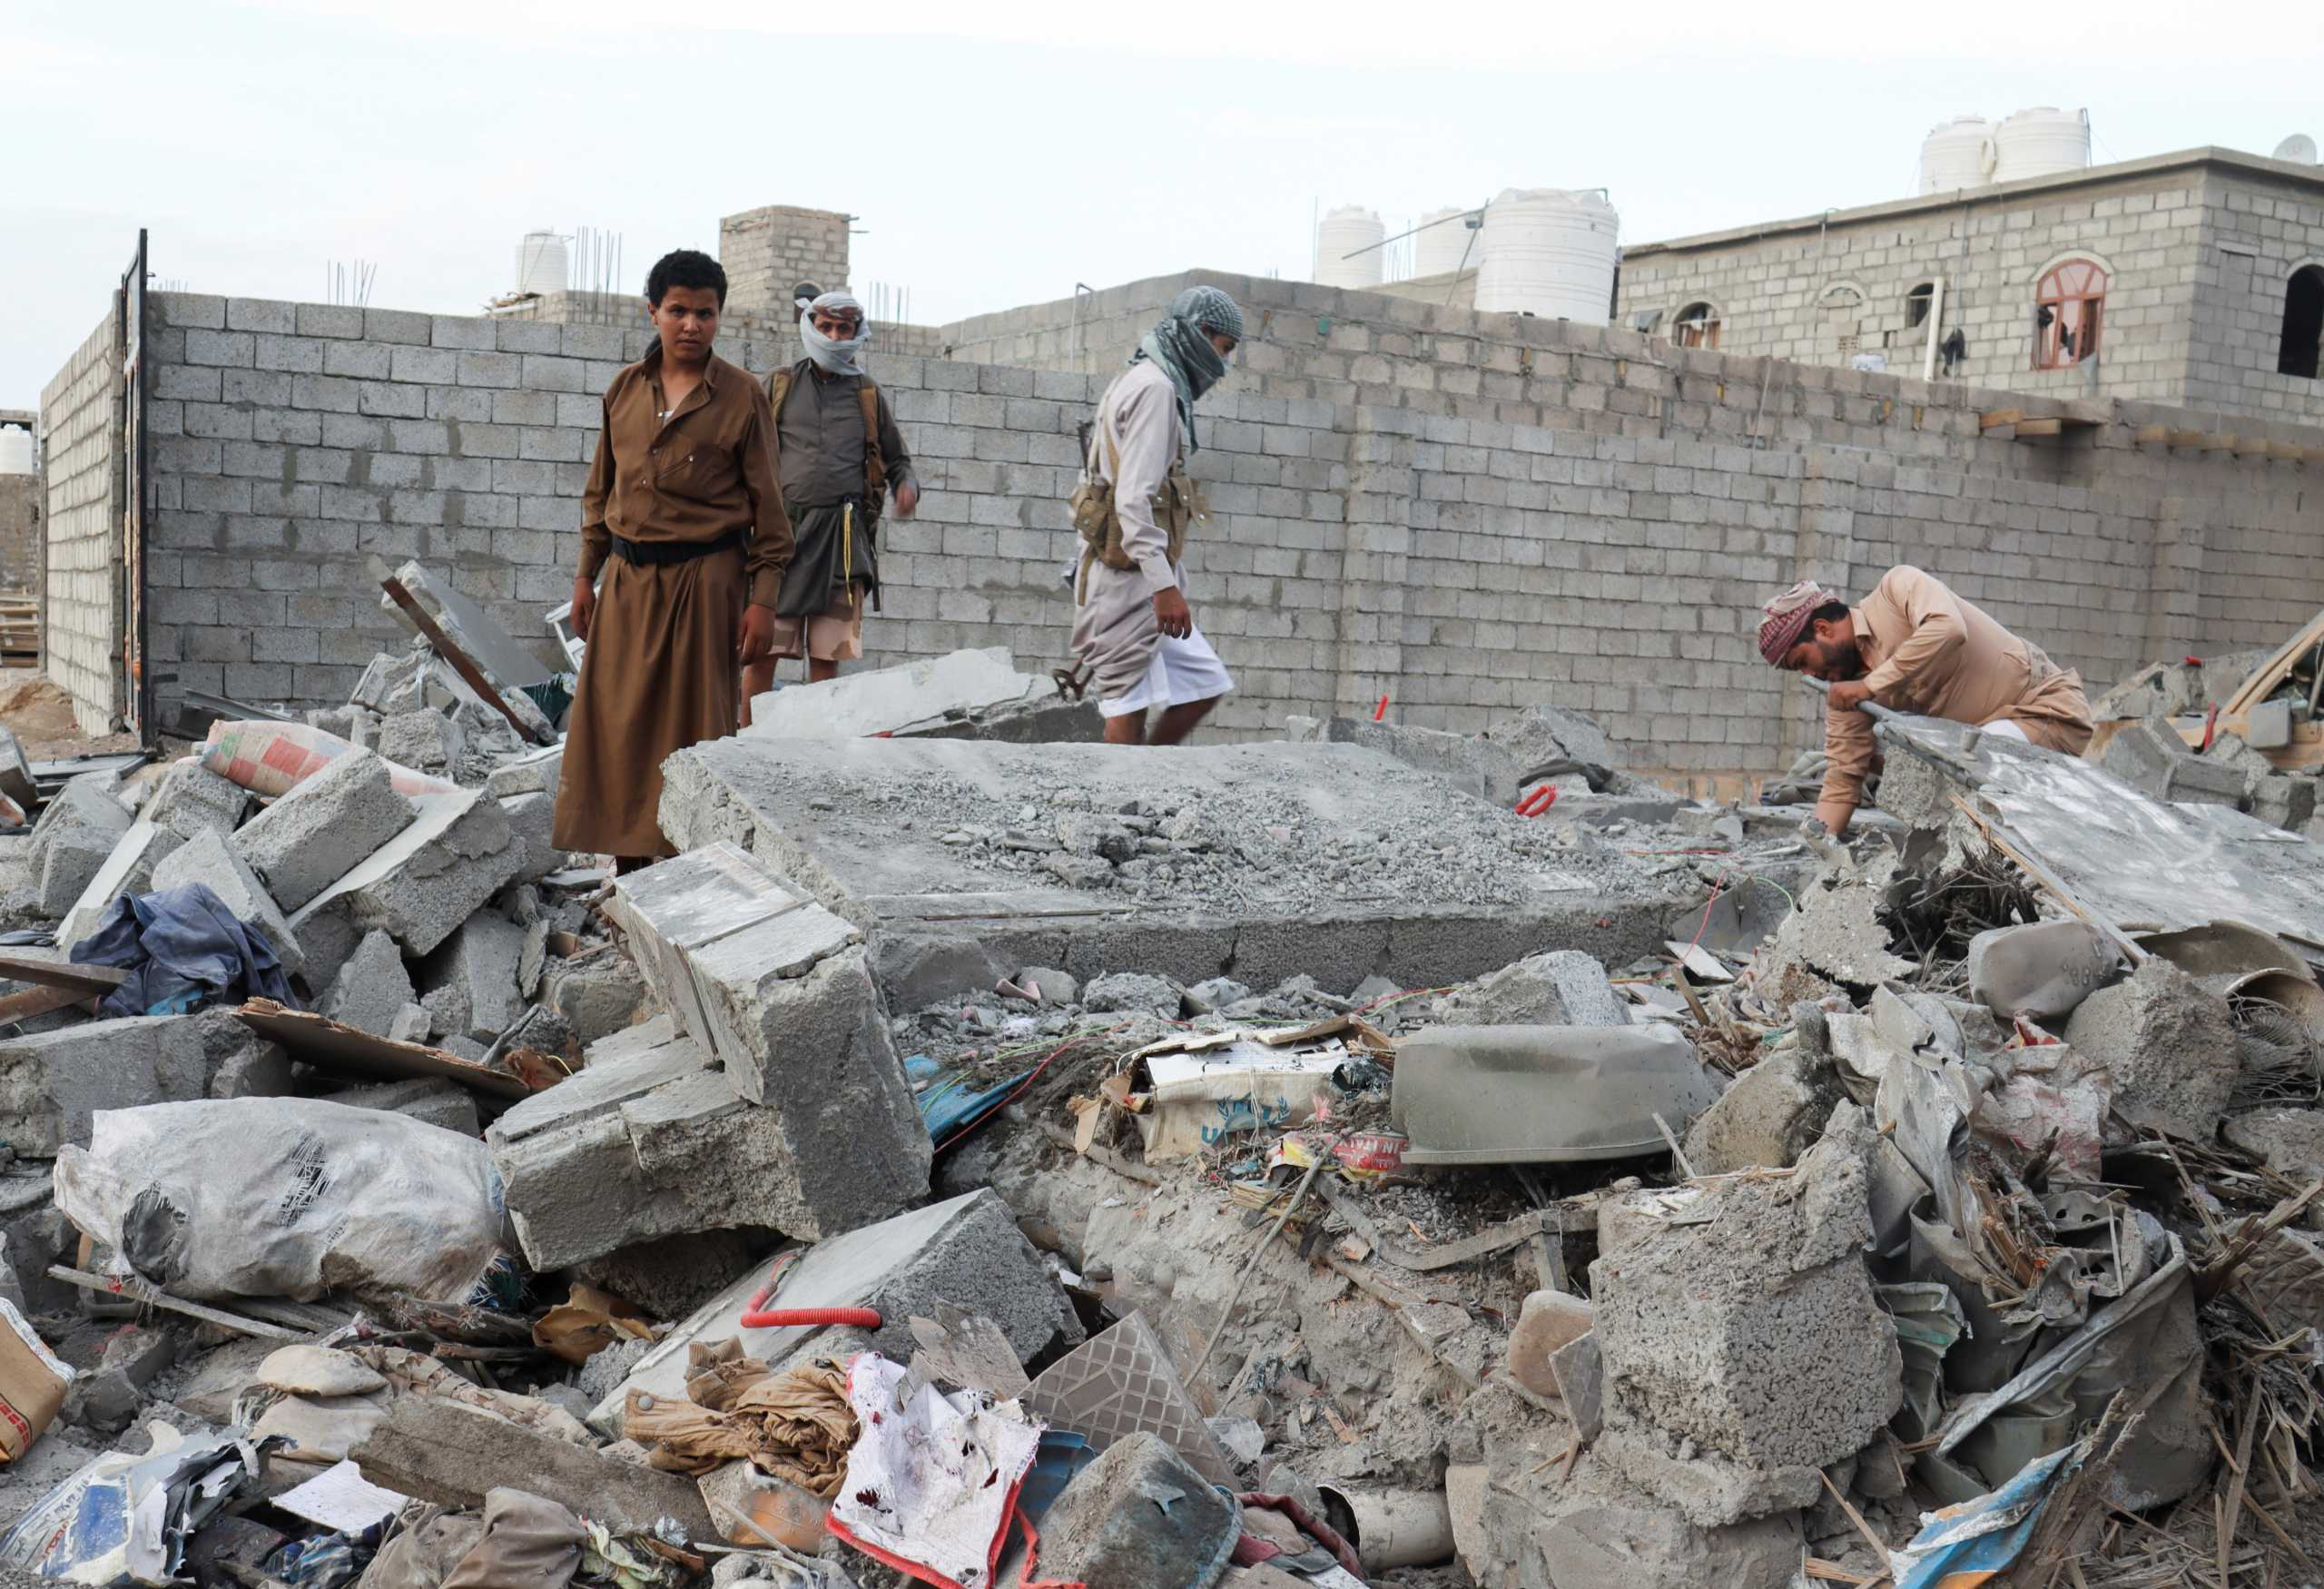 Υεμένη: Συνεχίζεται η μάχη στη Μαρίμπ - Τουλάχιστον 156 νεκροί αντάρτες Χούθι από νέα επίθεση